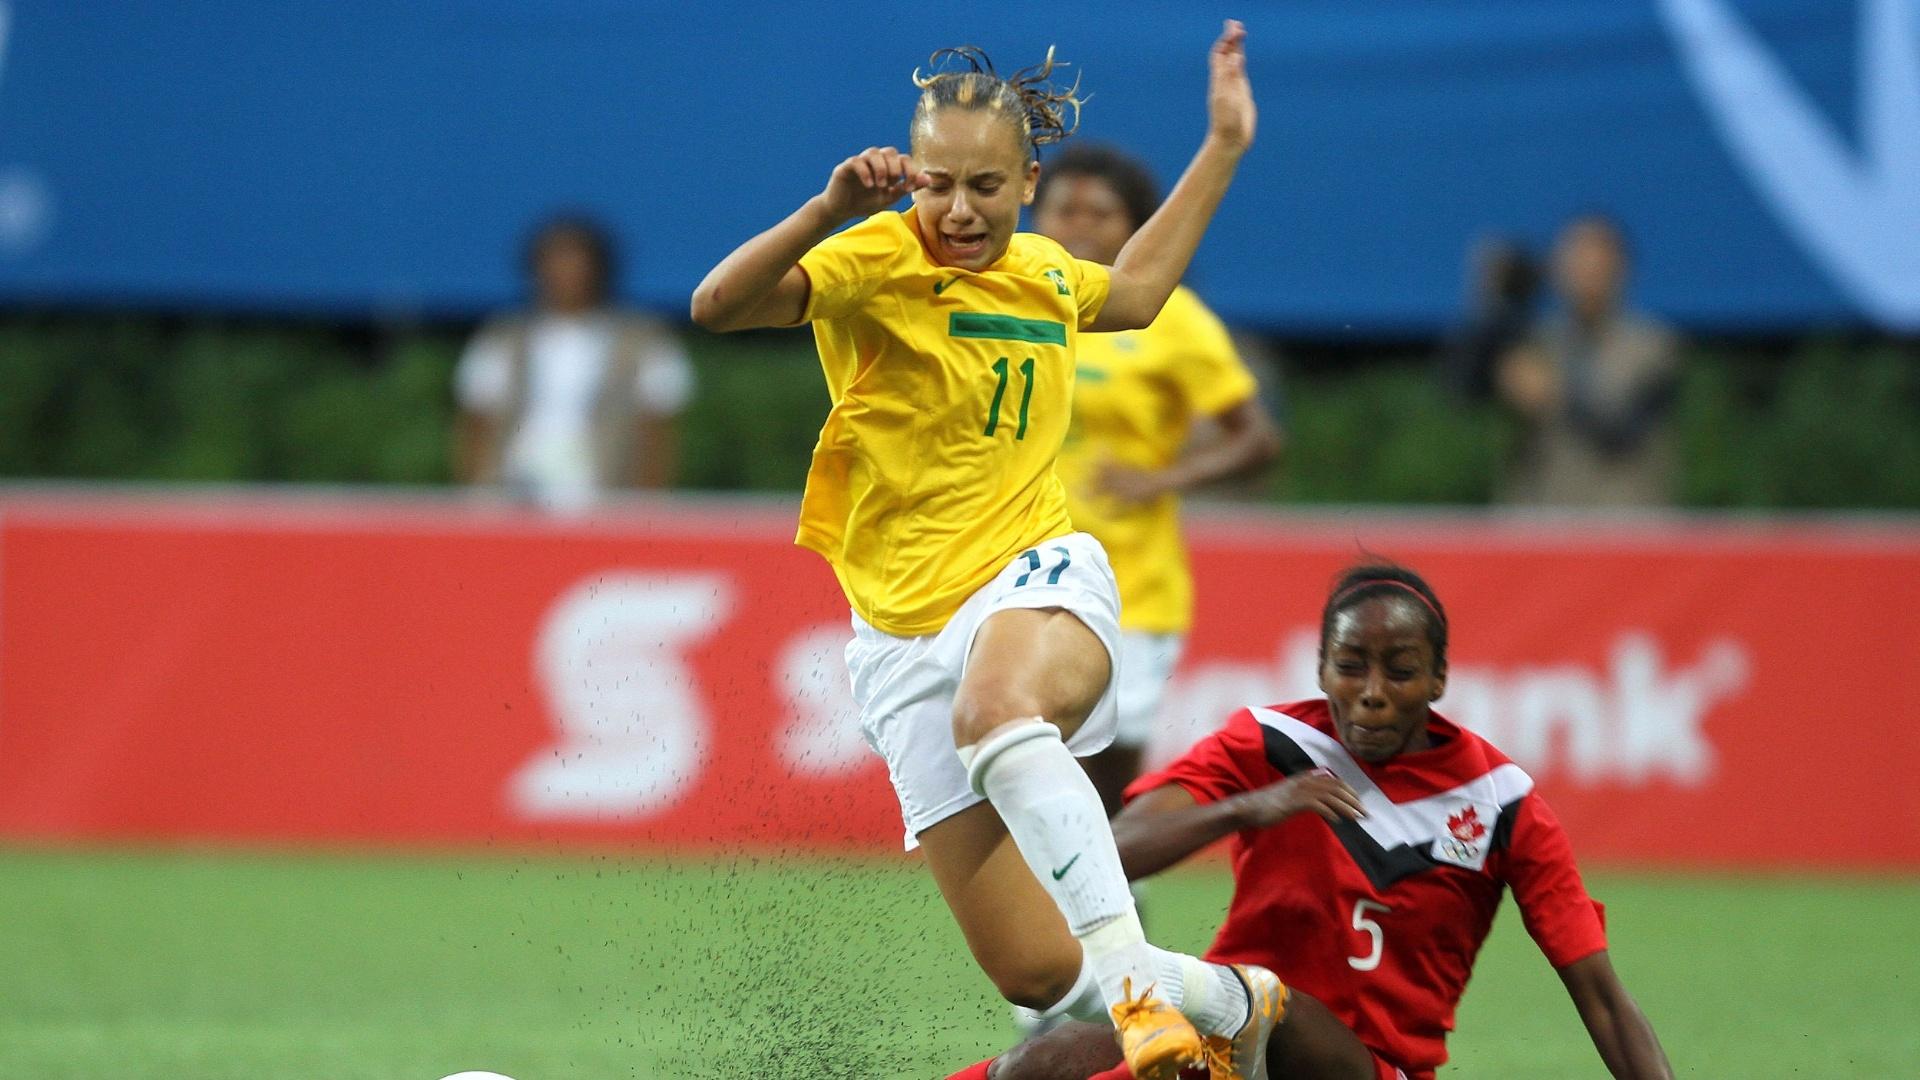 Thais tenta se livrar da marcação da adversária canadense na final do futebol feminino (27/10/2011)